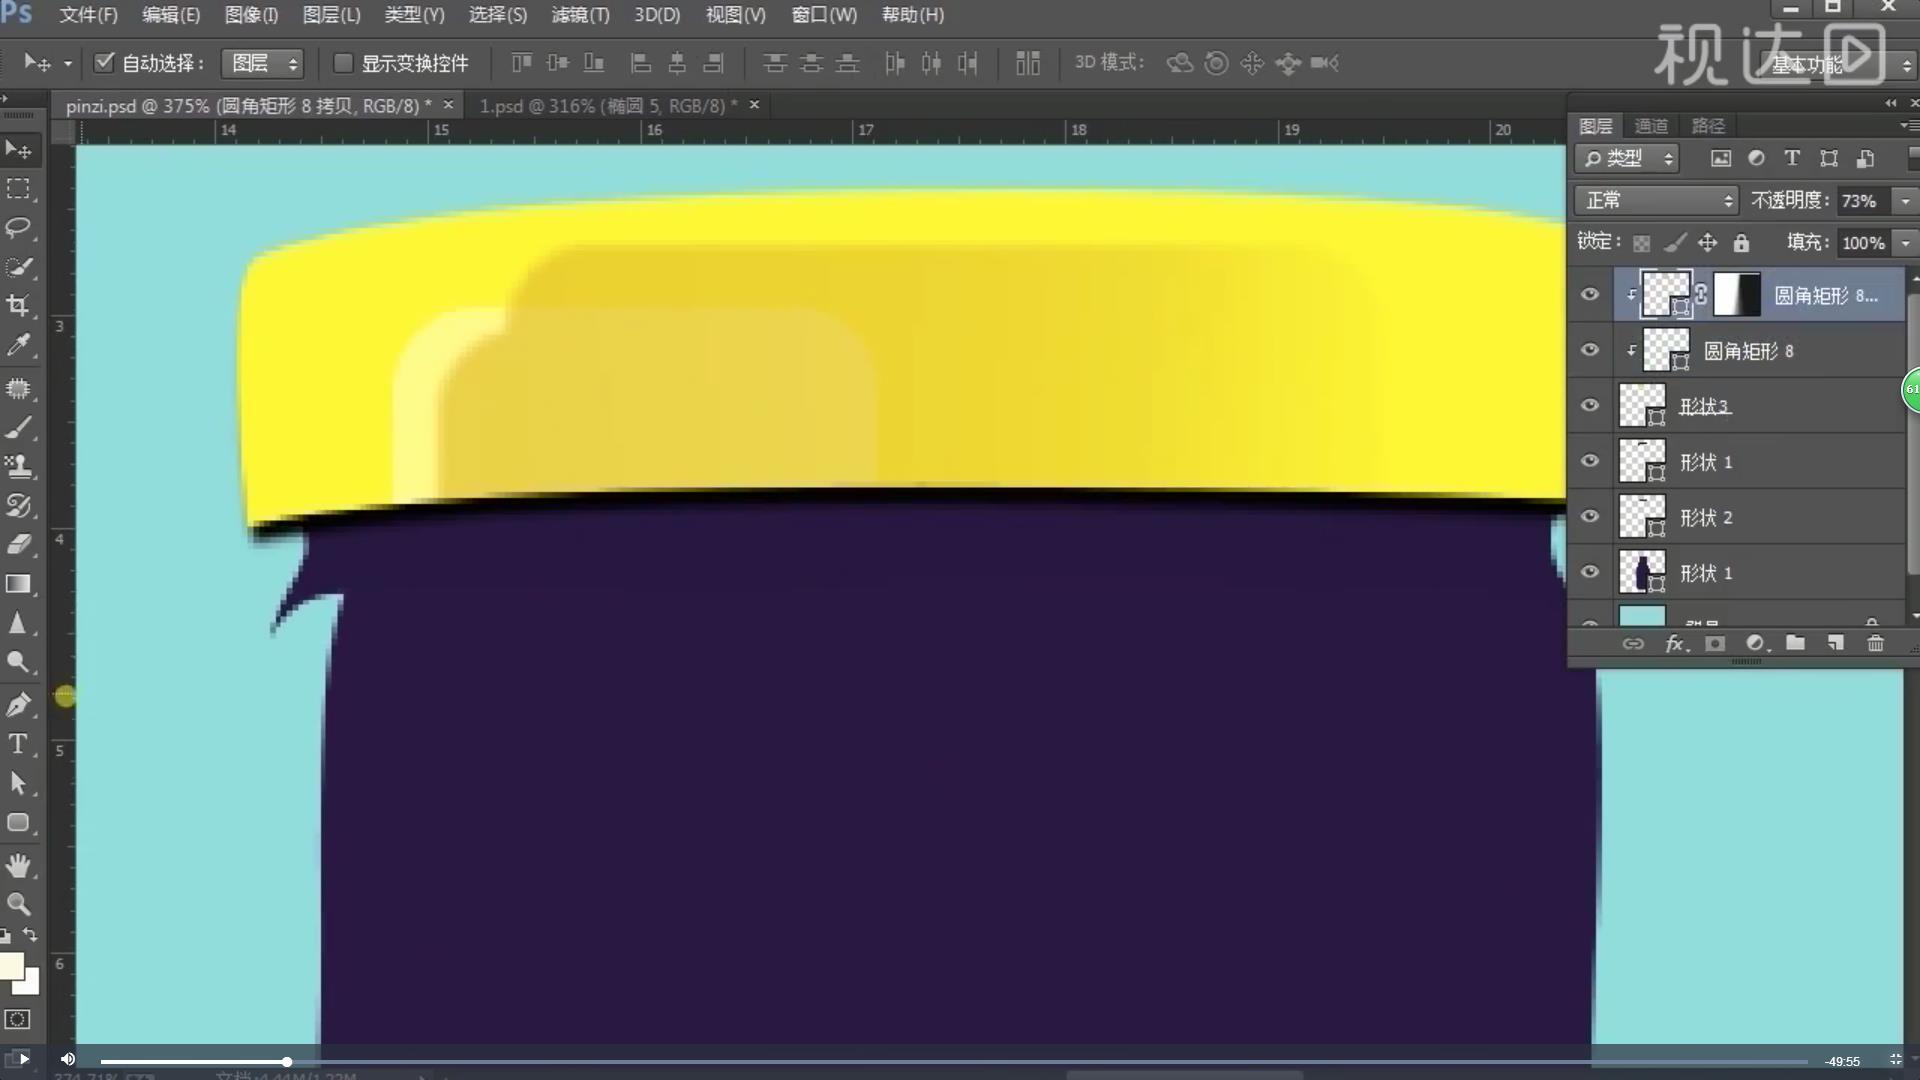 2.新建圆角矩形,复制几层,调整颜色与位置,添加蒙版,用渐变工具擦掉部分;.jpg